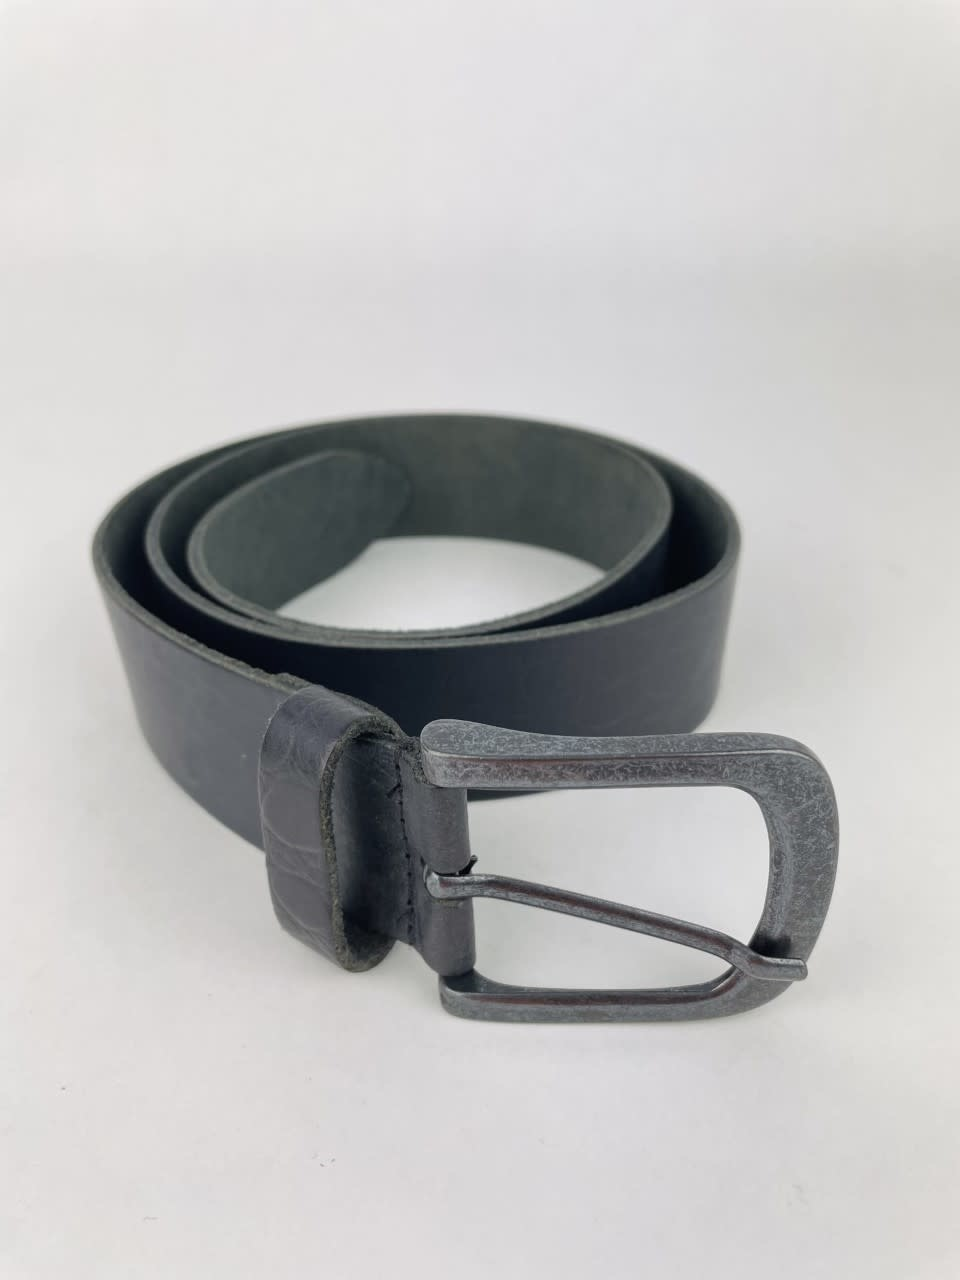 Crolette leather belt Black-1